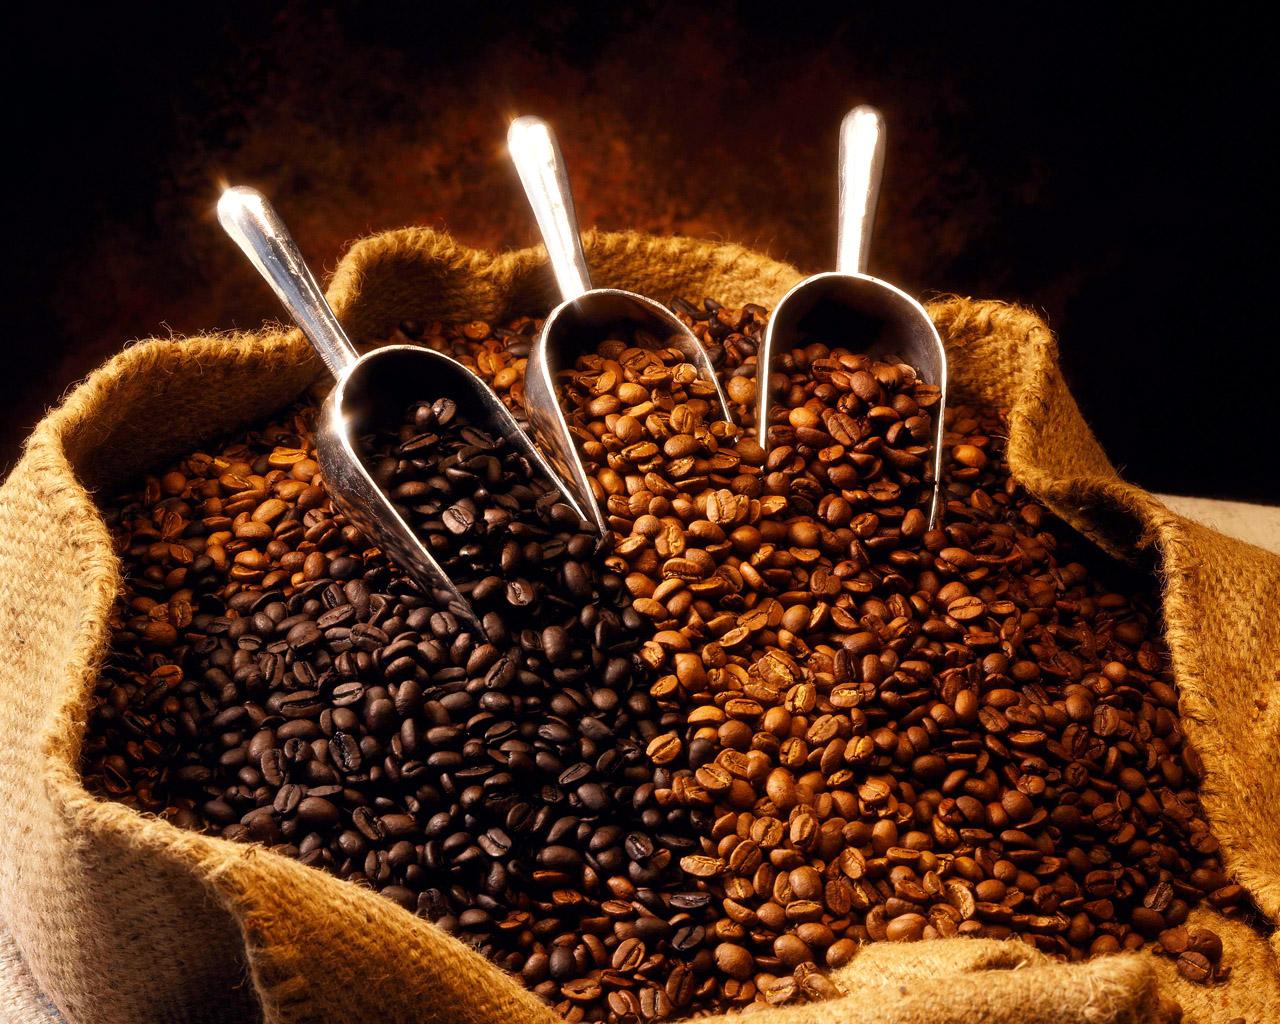 استهلاك القهوة في العالم تضاعف خلال الأعوام العشرين الماضية